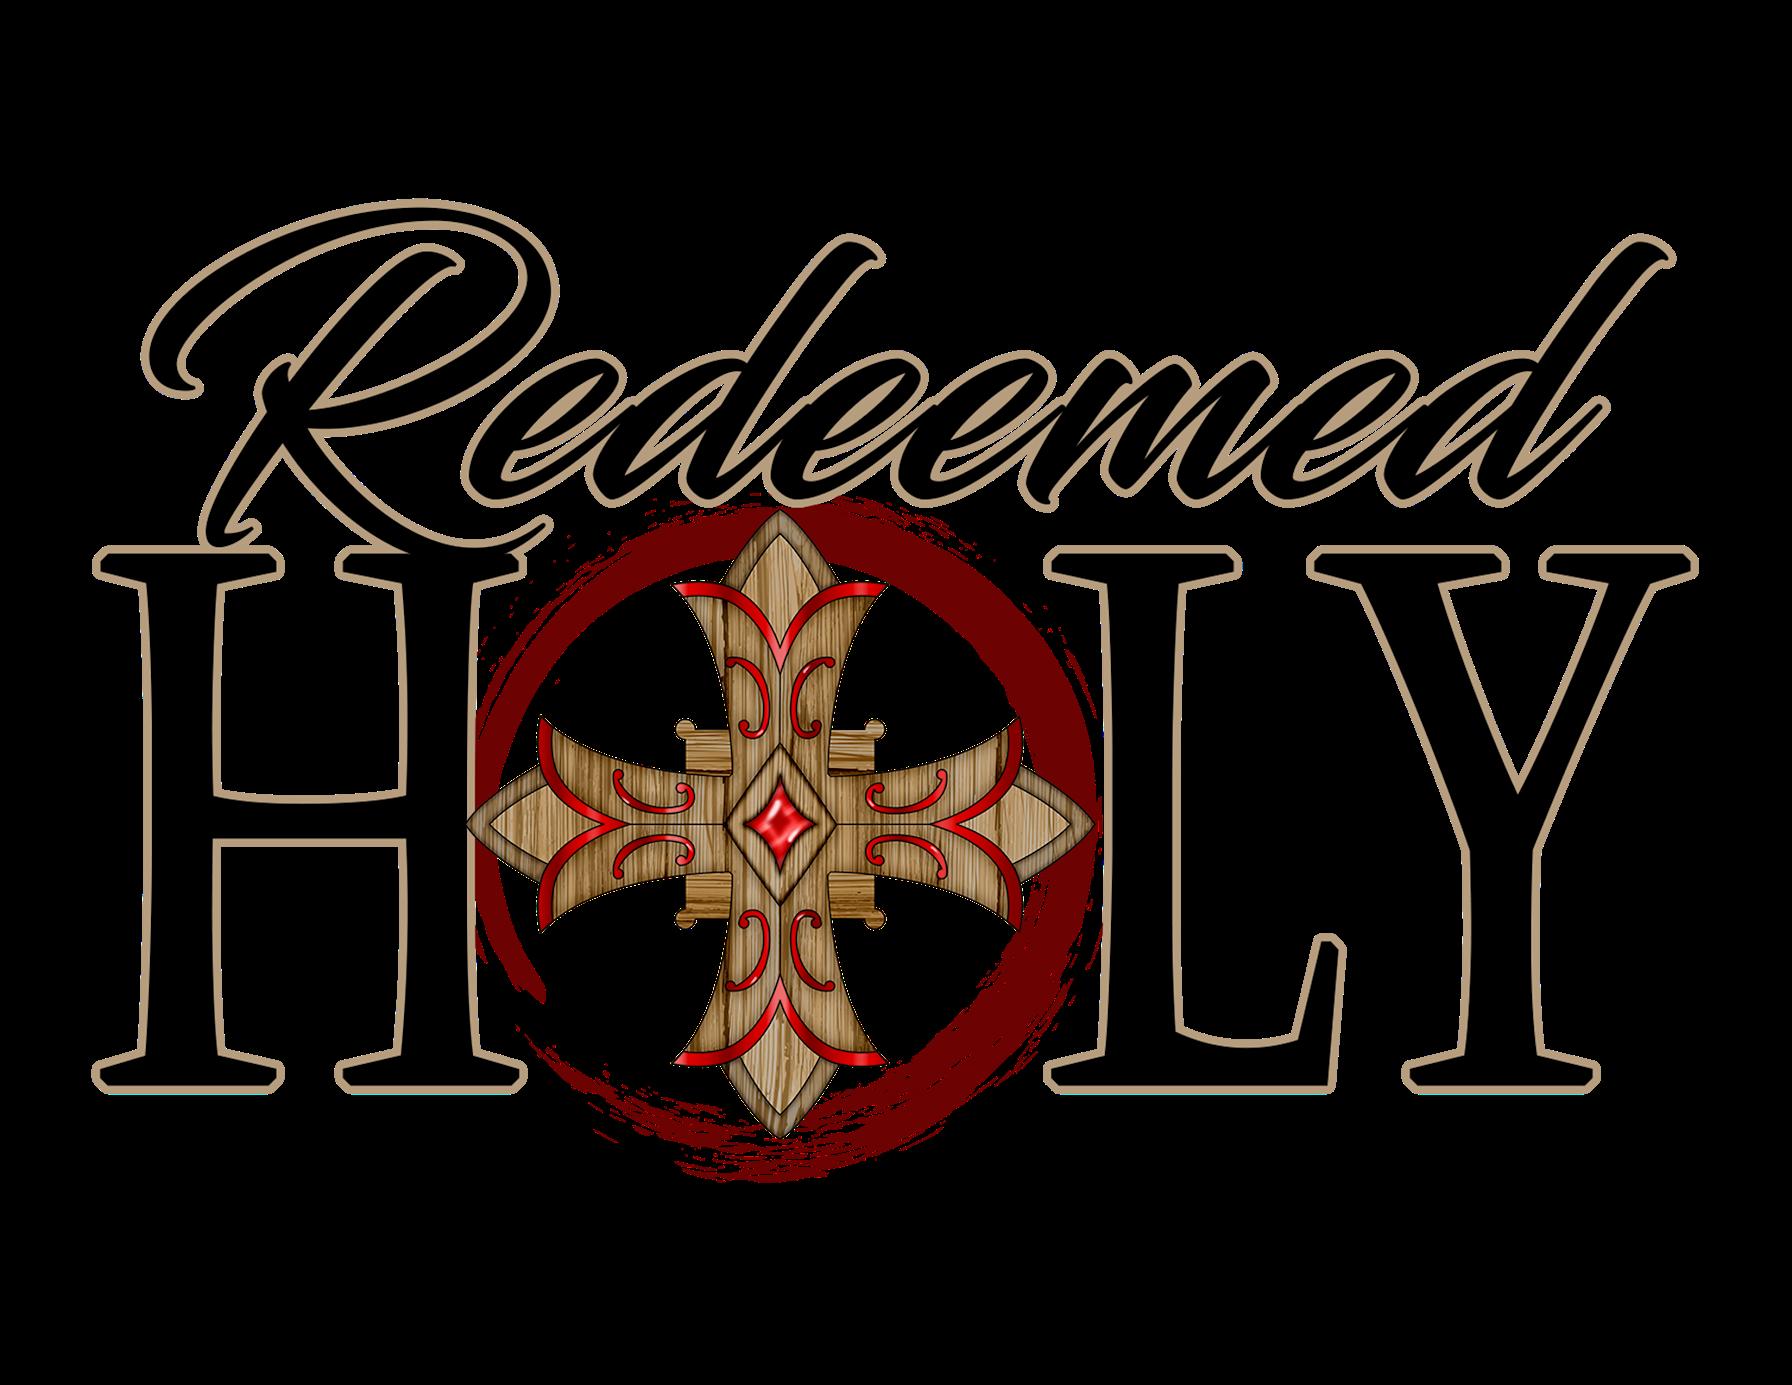 Redeemed Holy